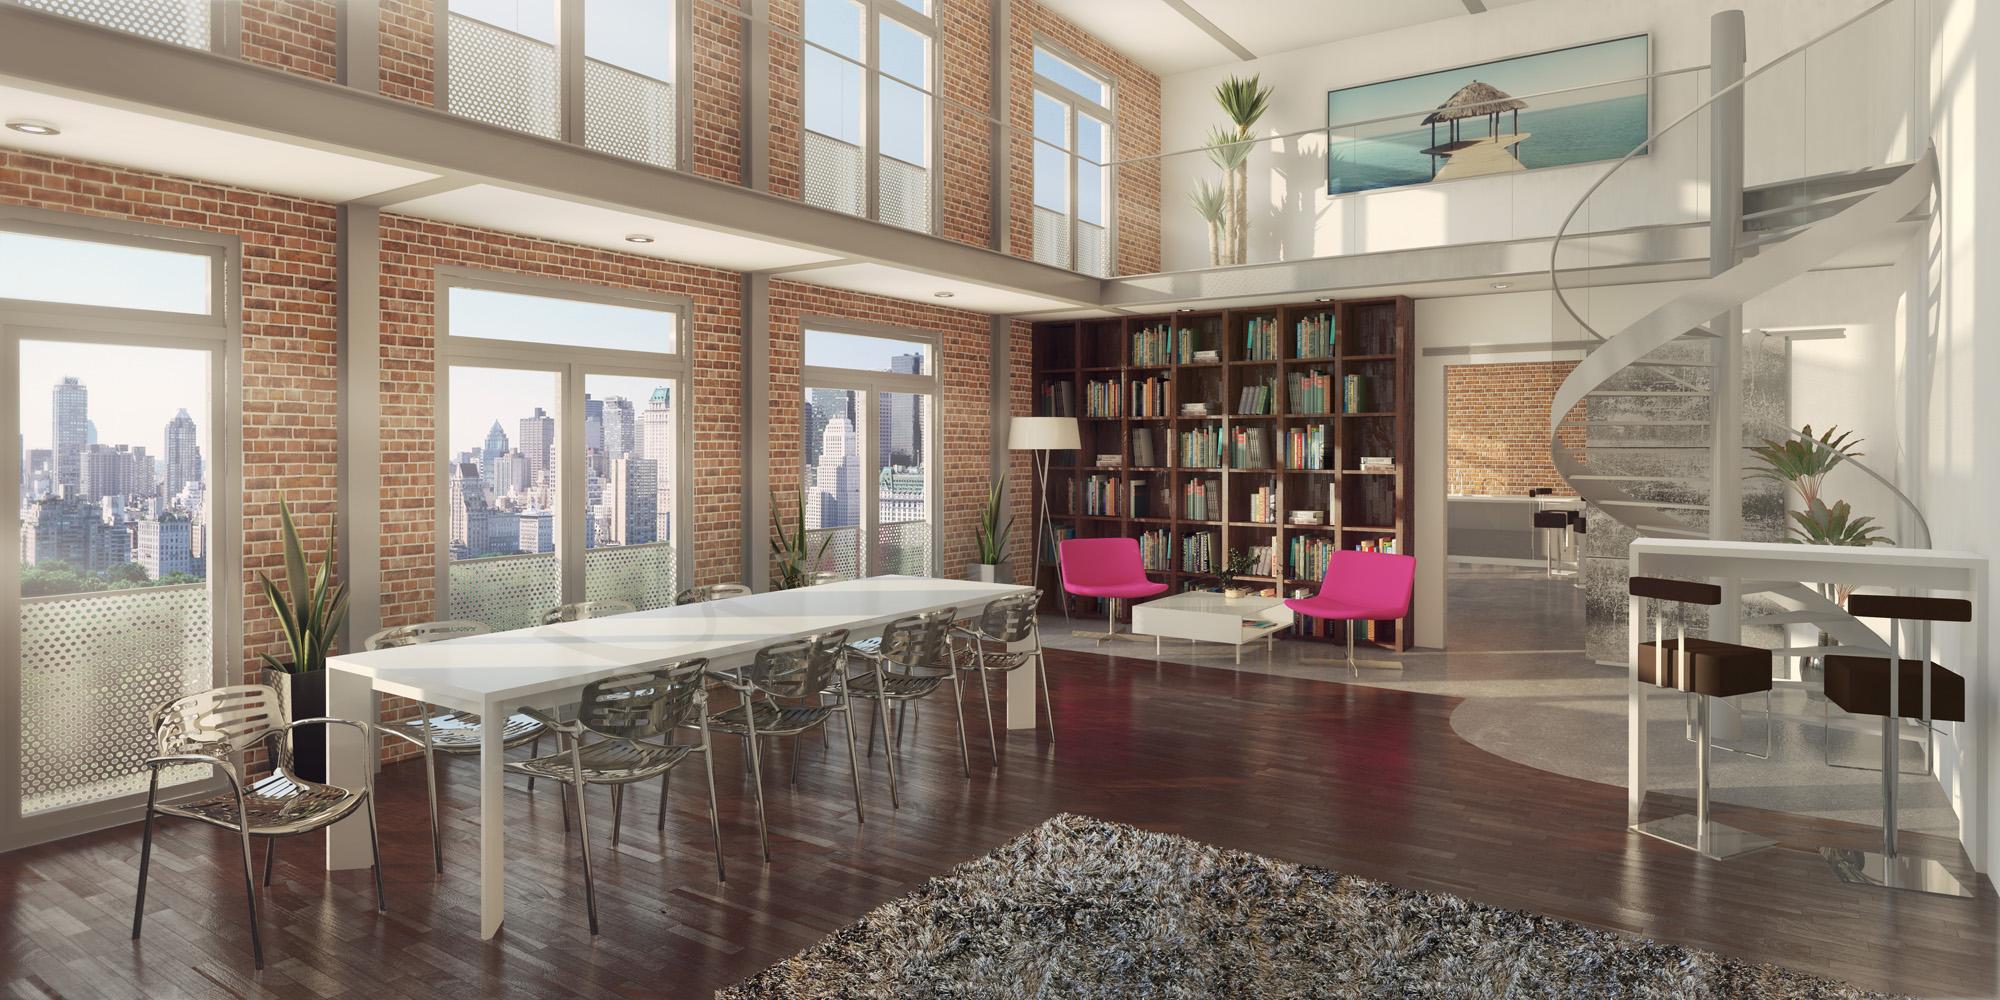 Canapé haut-de-gamme pour une ambiance loft unique - Esprit Loft